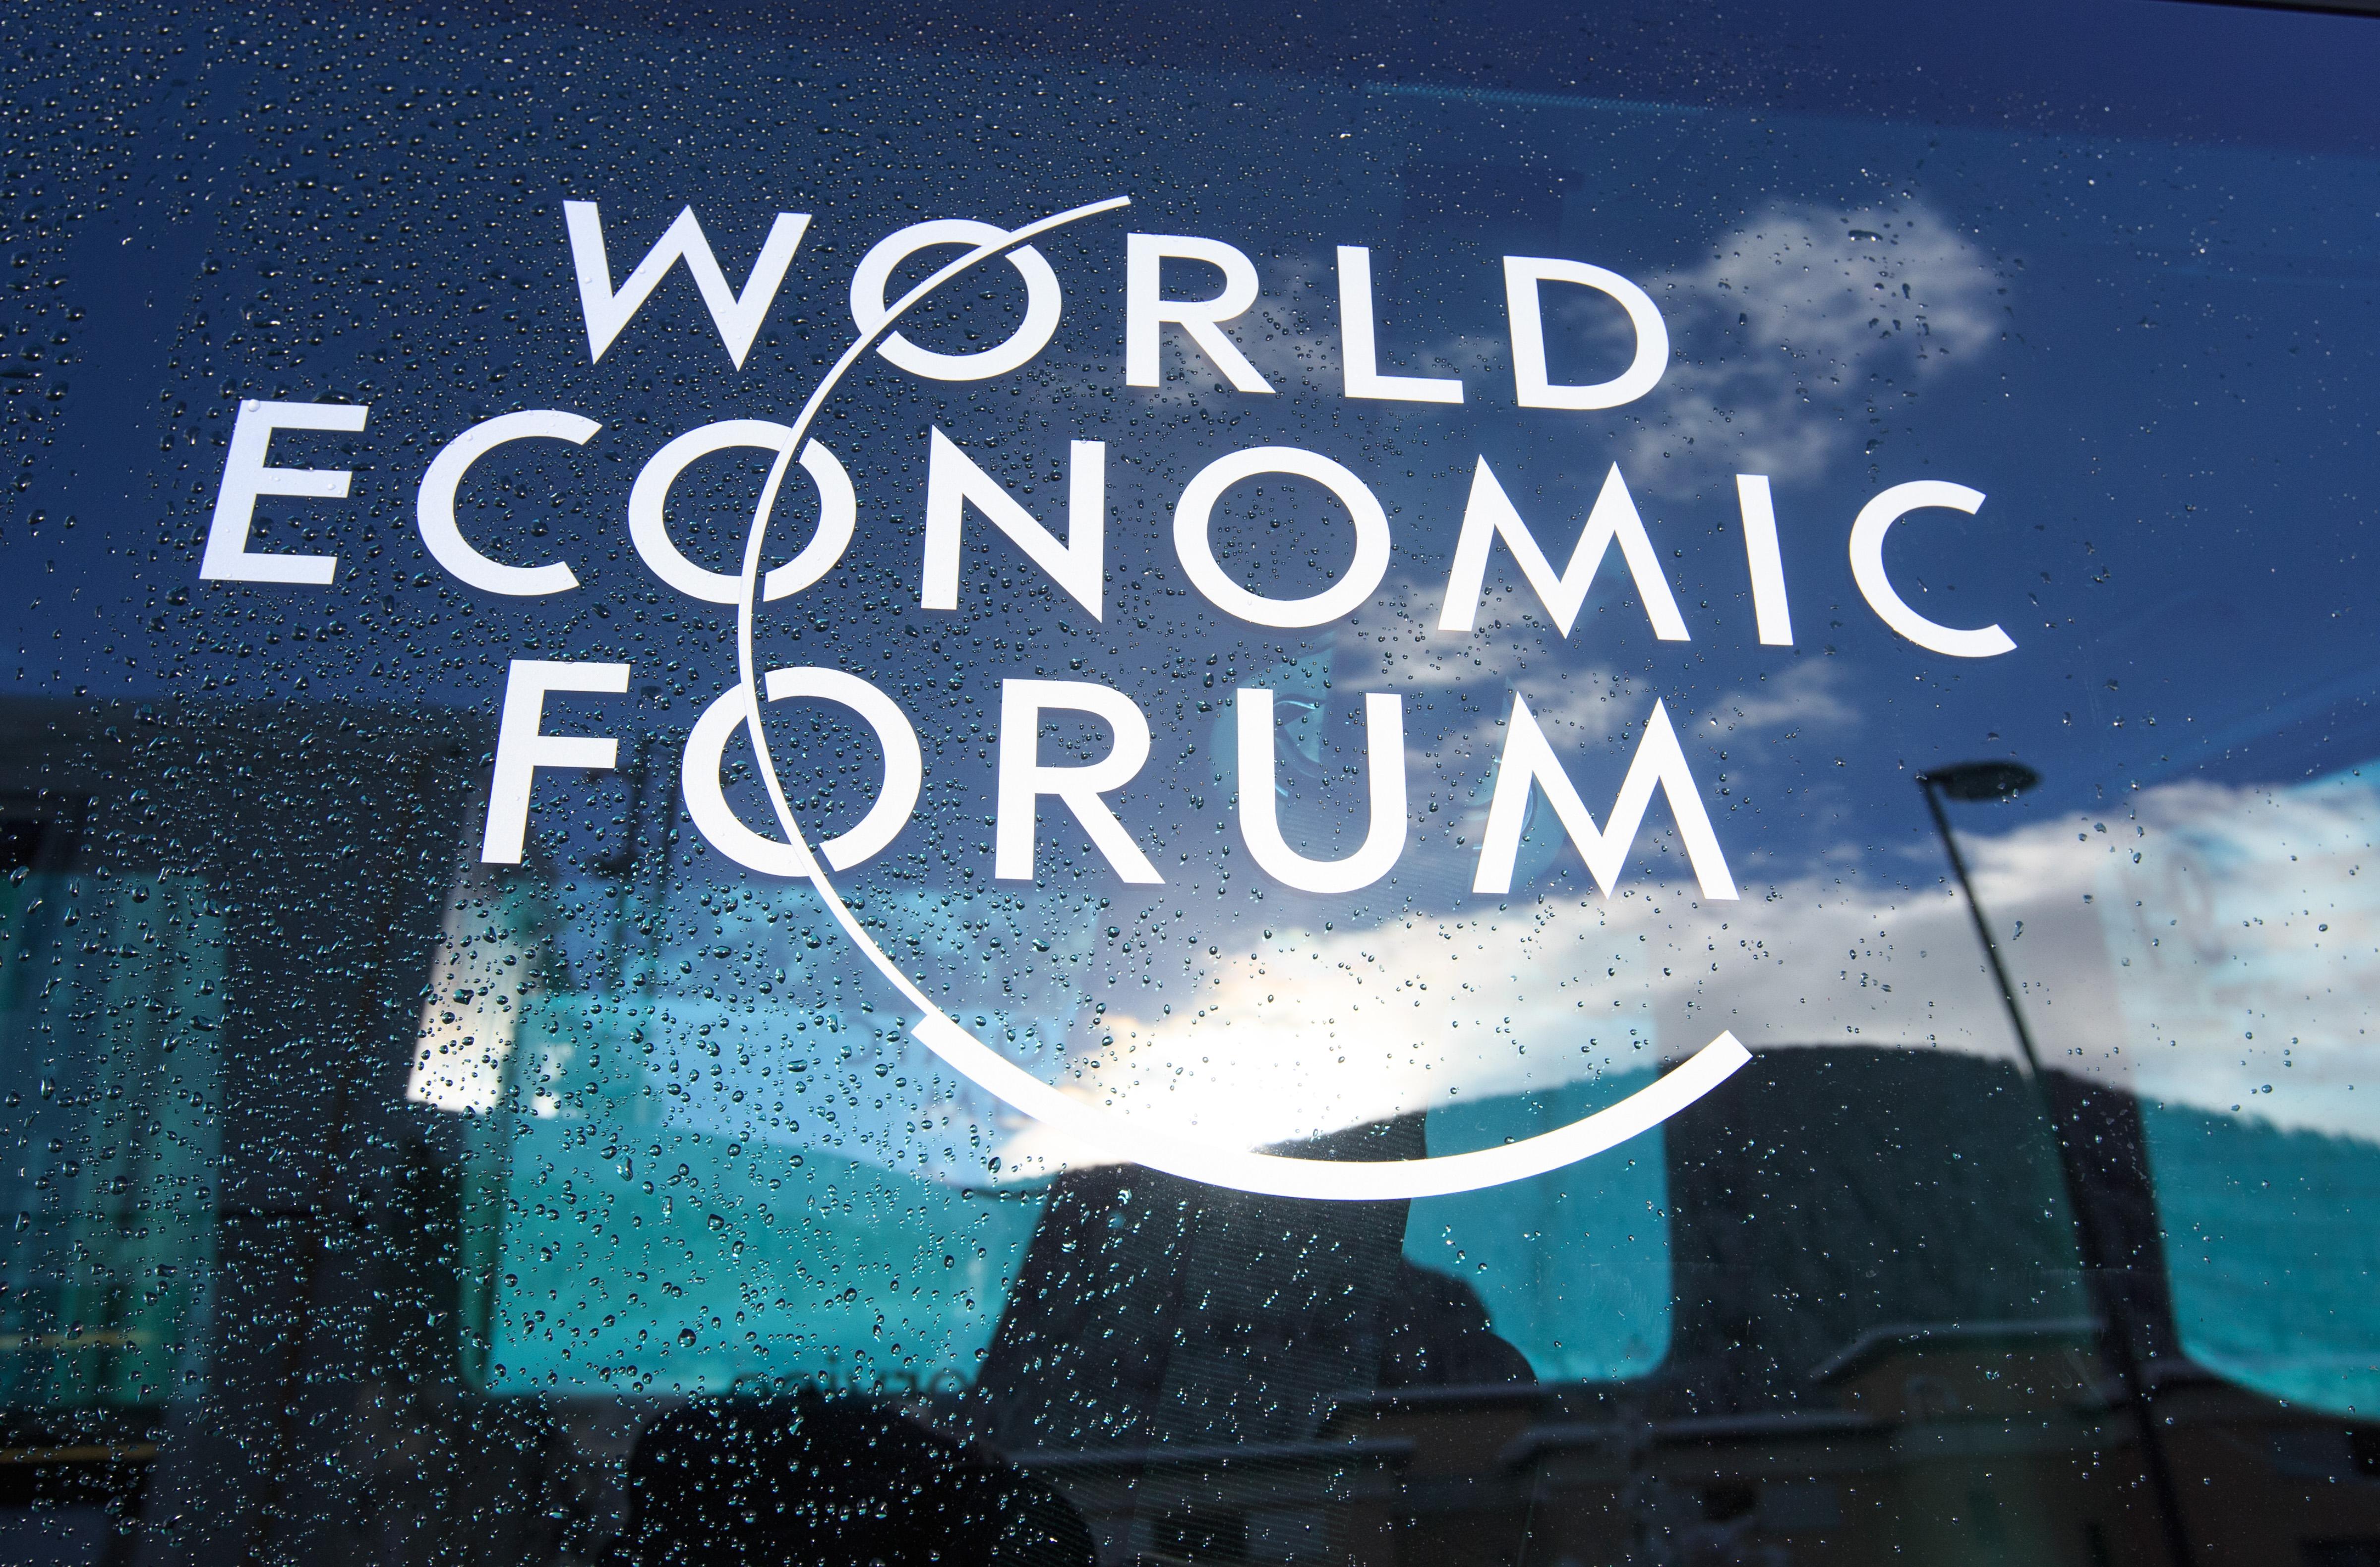 全球资讯_2017年全球竞争力榜单公布 中国升至27位_新华社_新闻